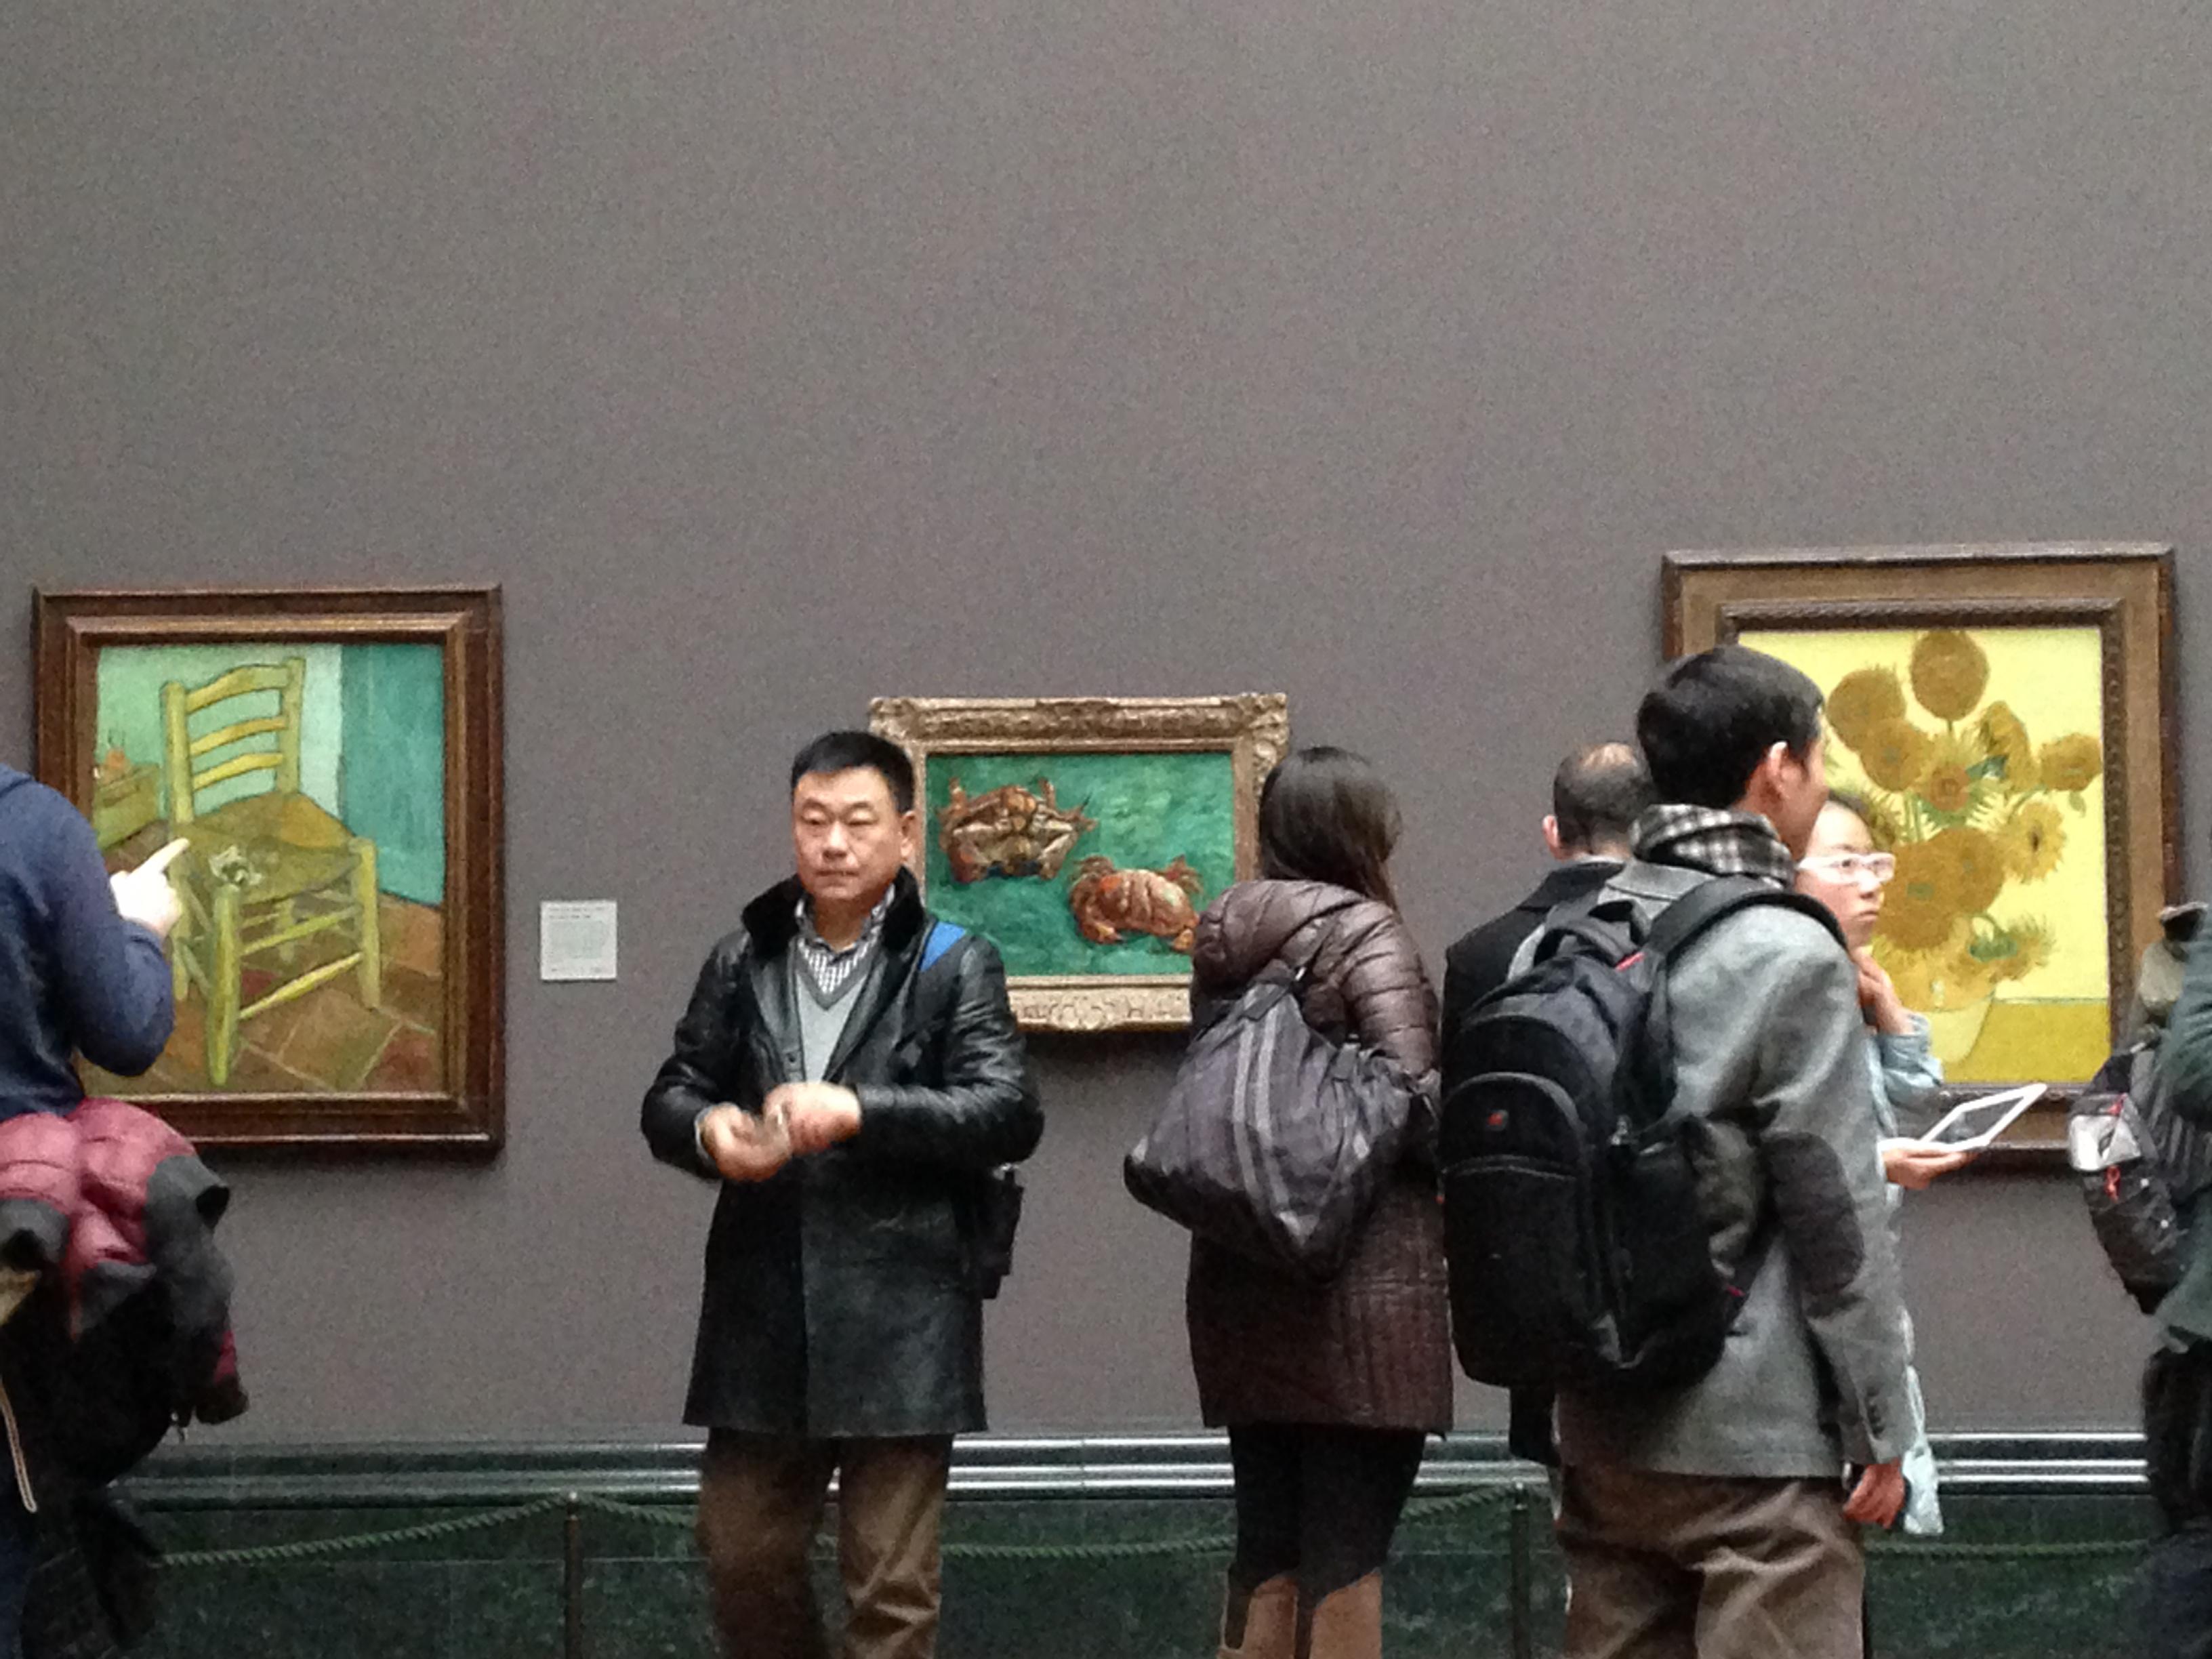 20150322 104622947 ios - Donde encontrar los cuadros de Van Gogh en el mundo